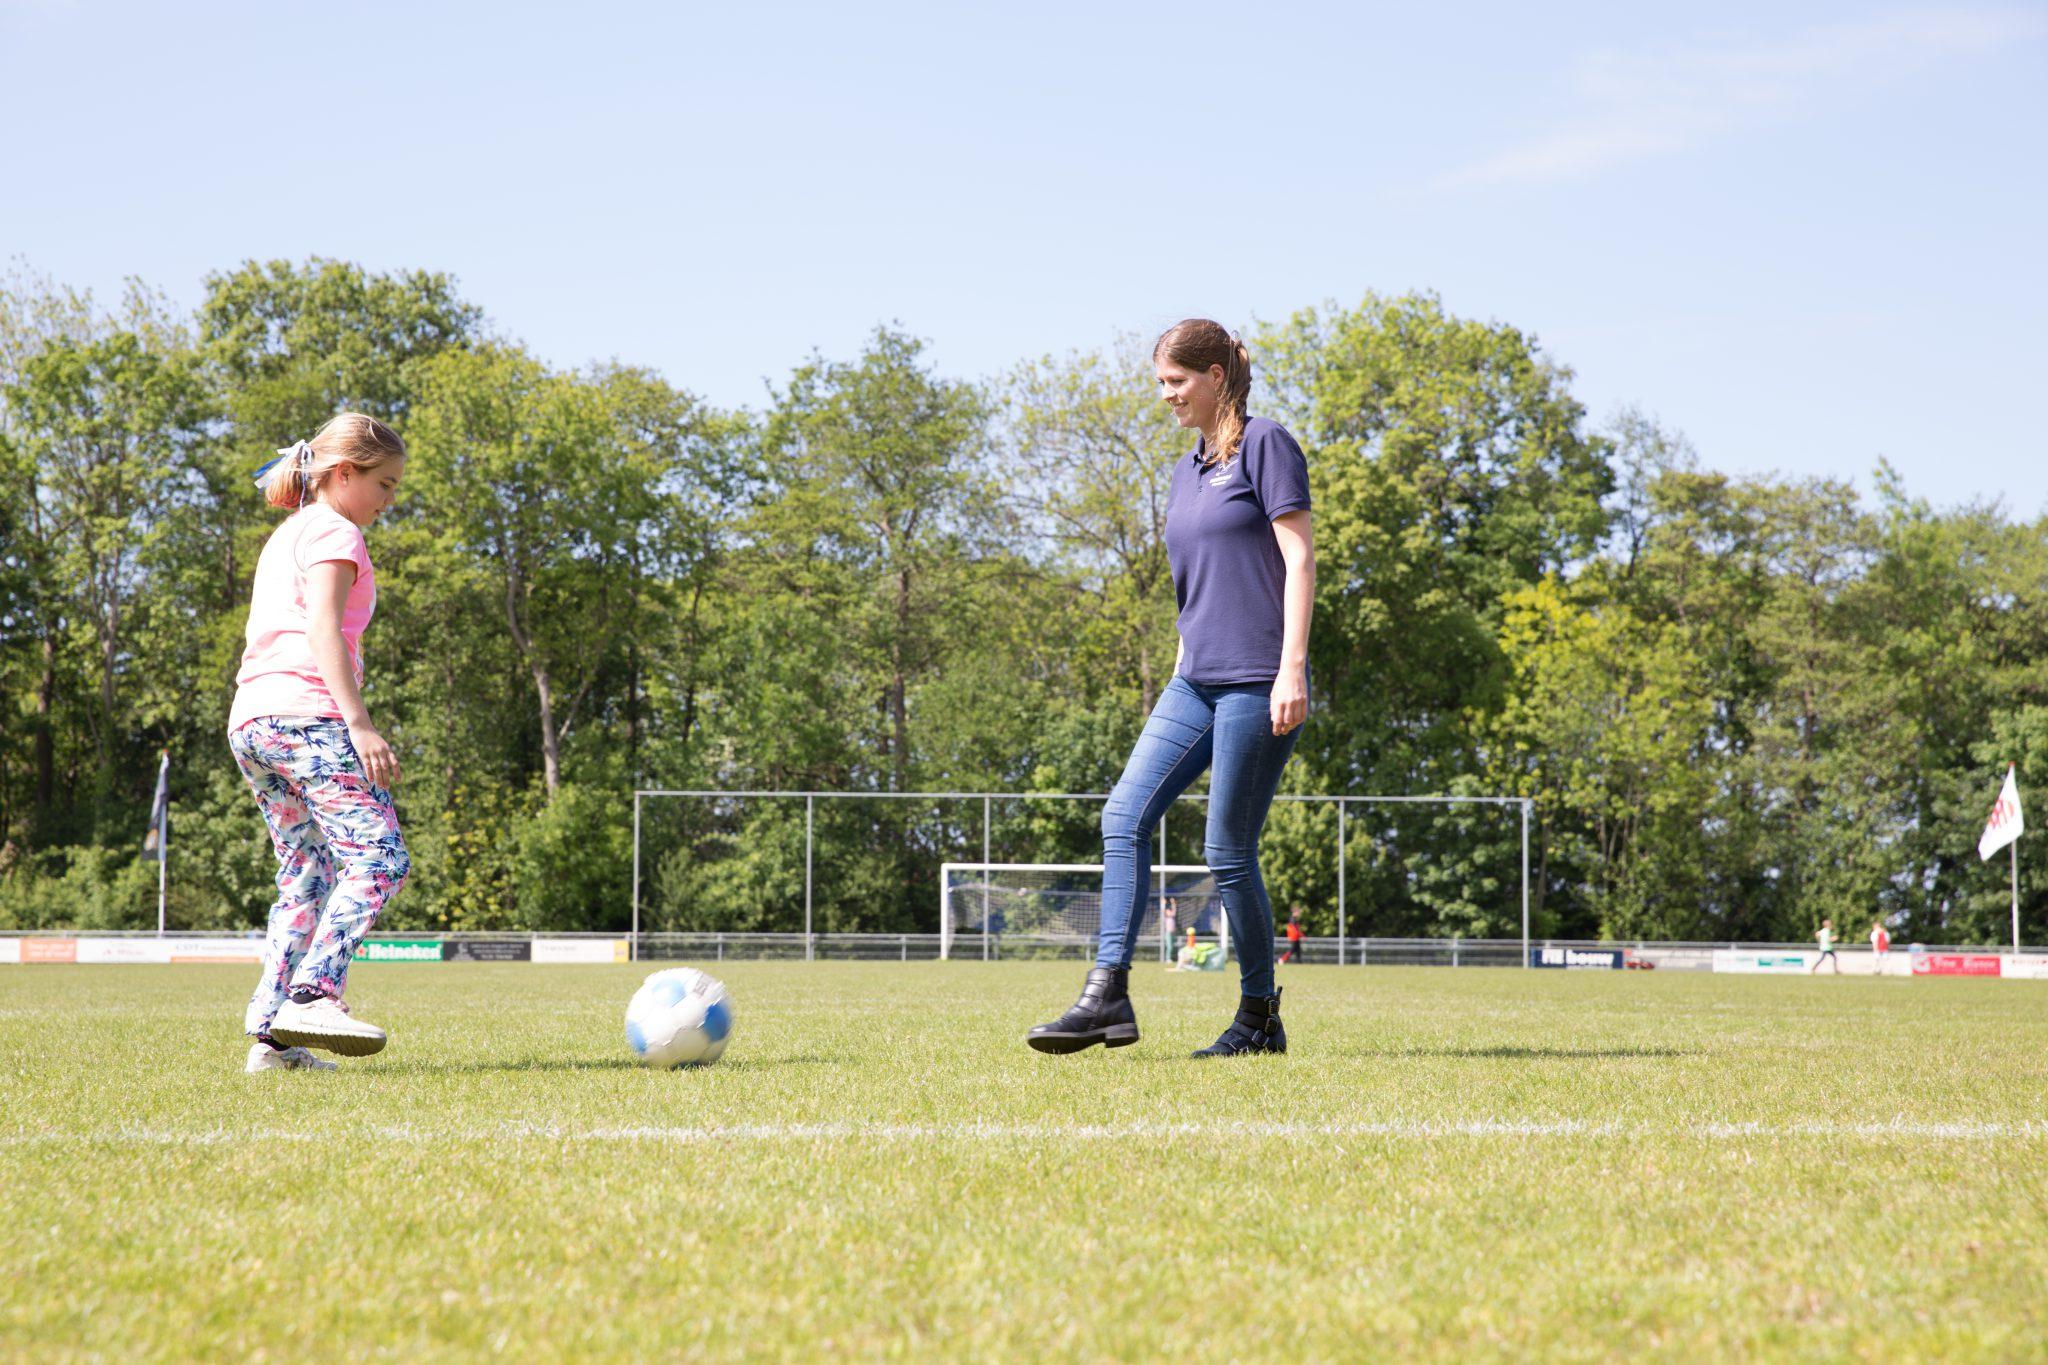 voetballende pm en kind